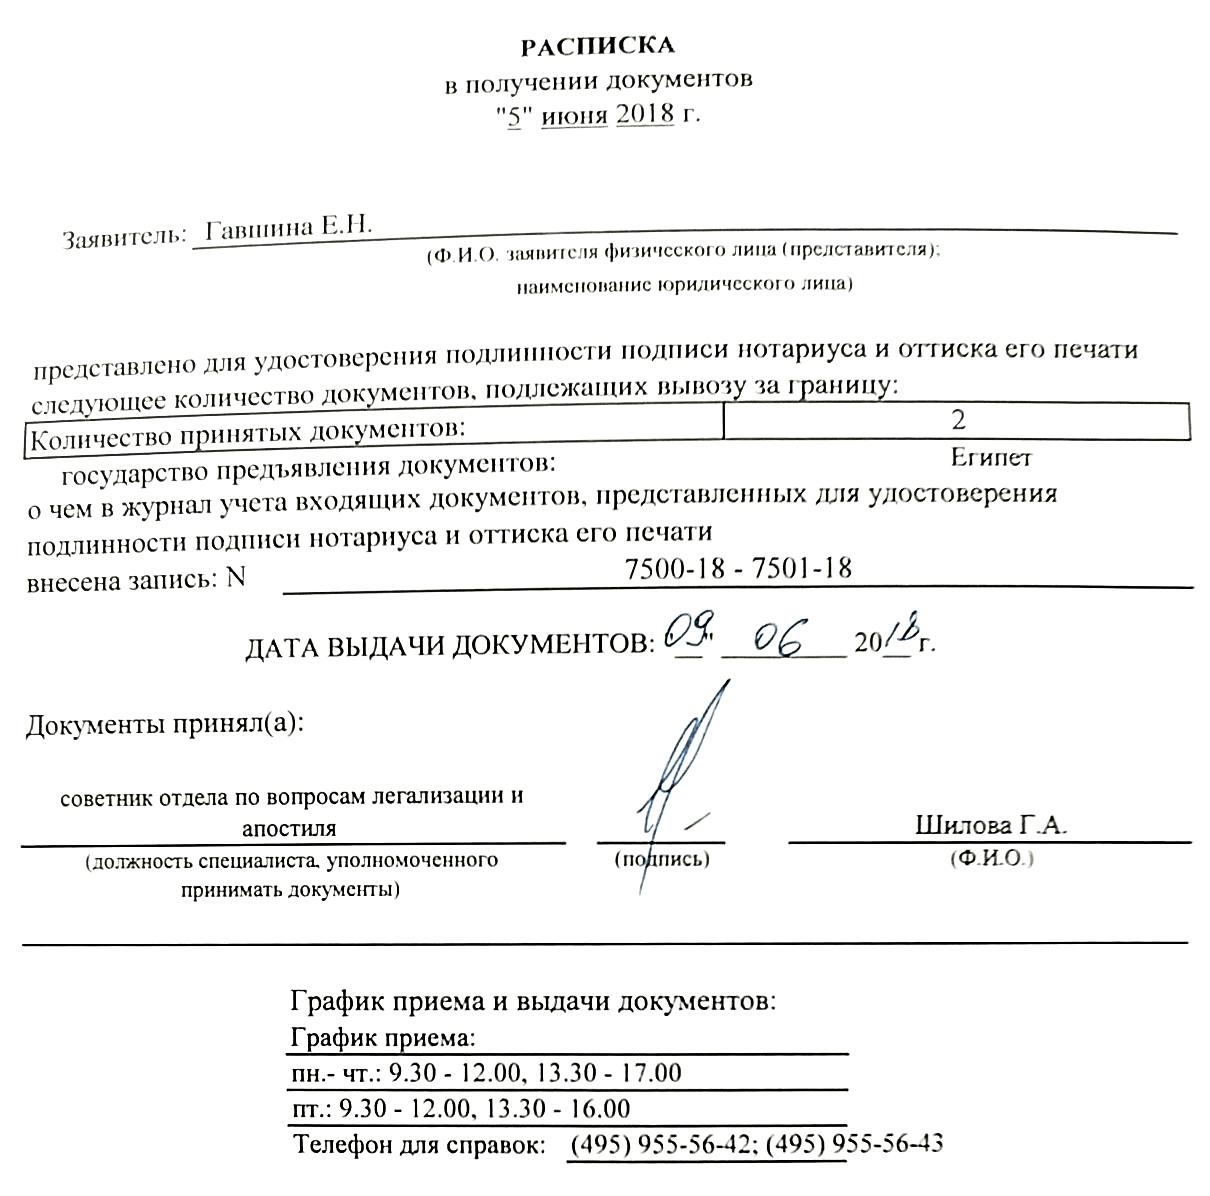 Расписка о получении документов длялегализации в Минюсте